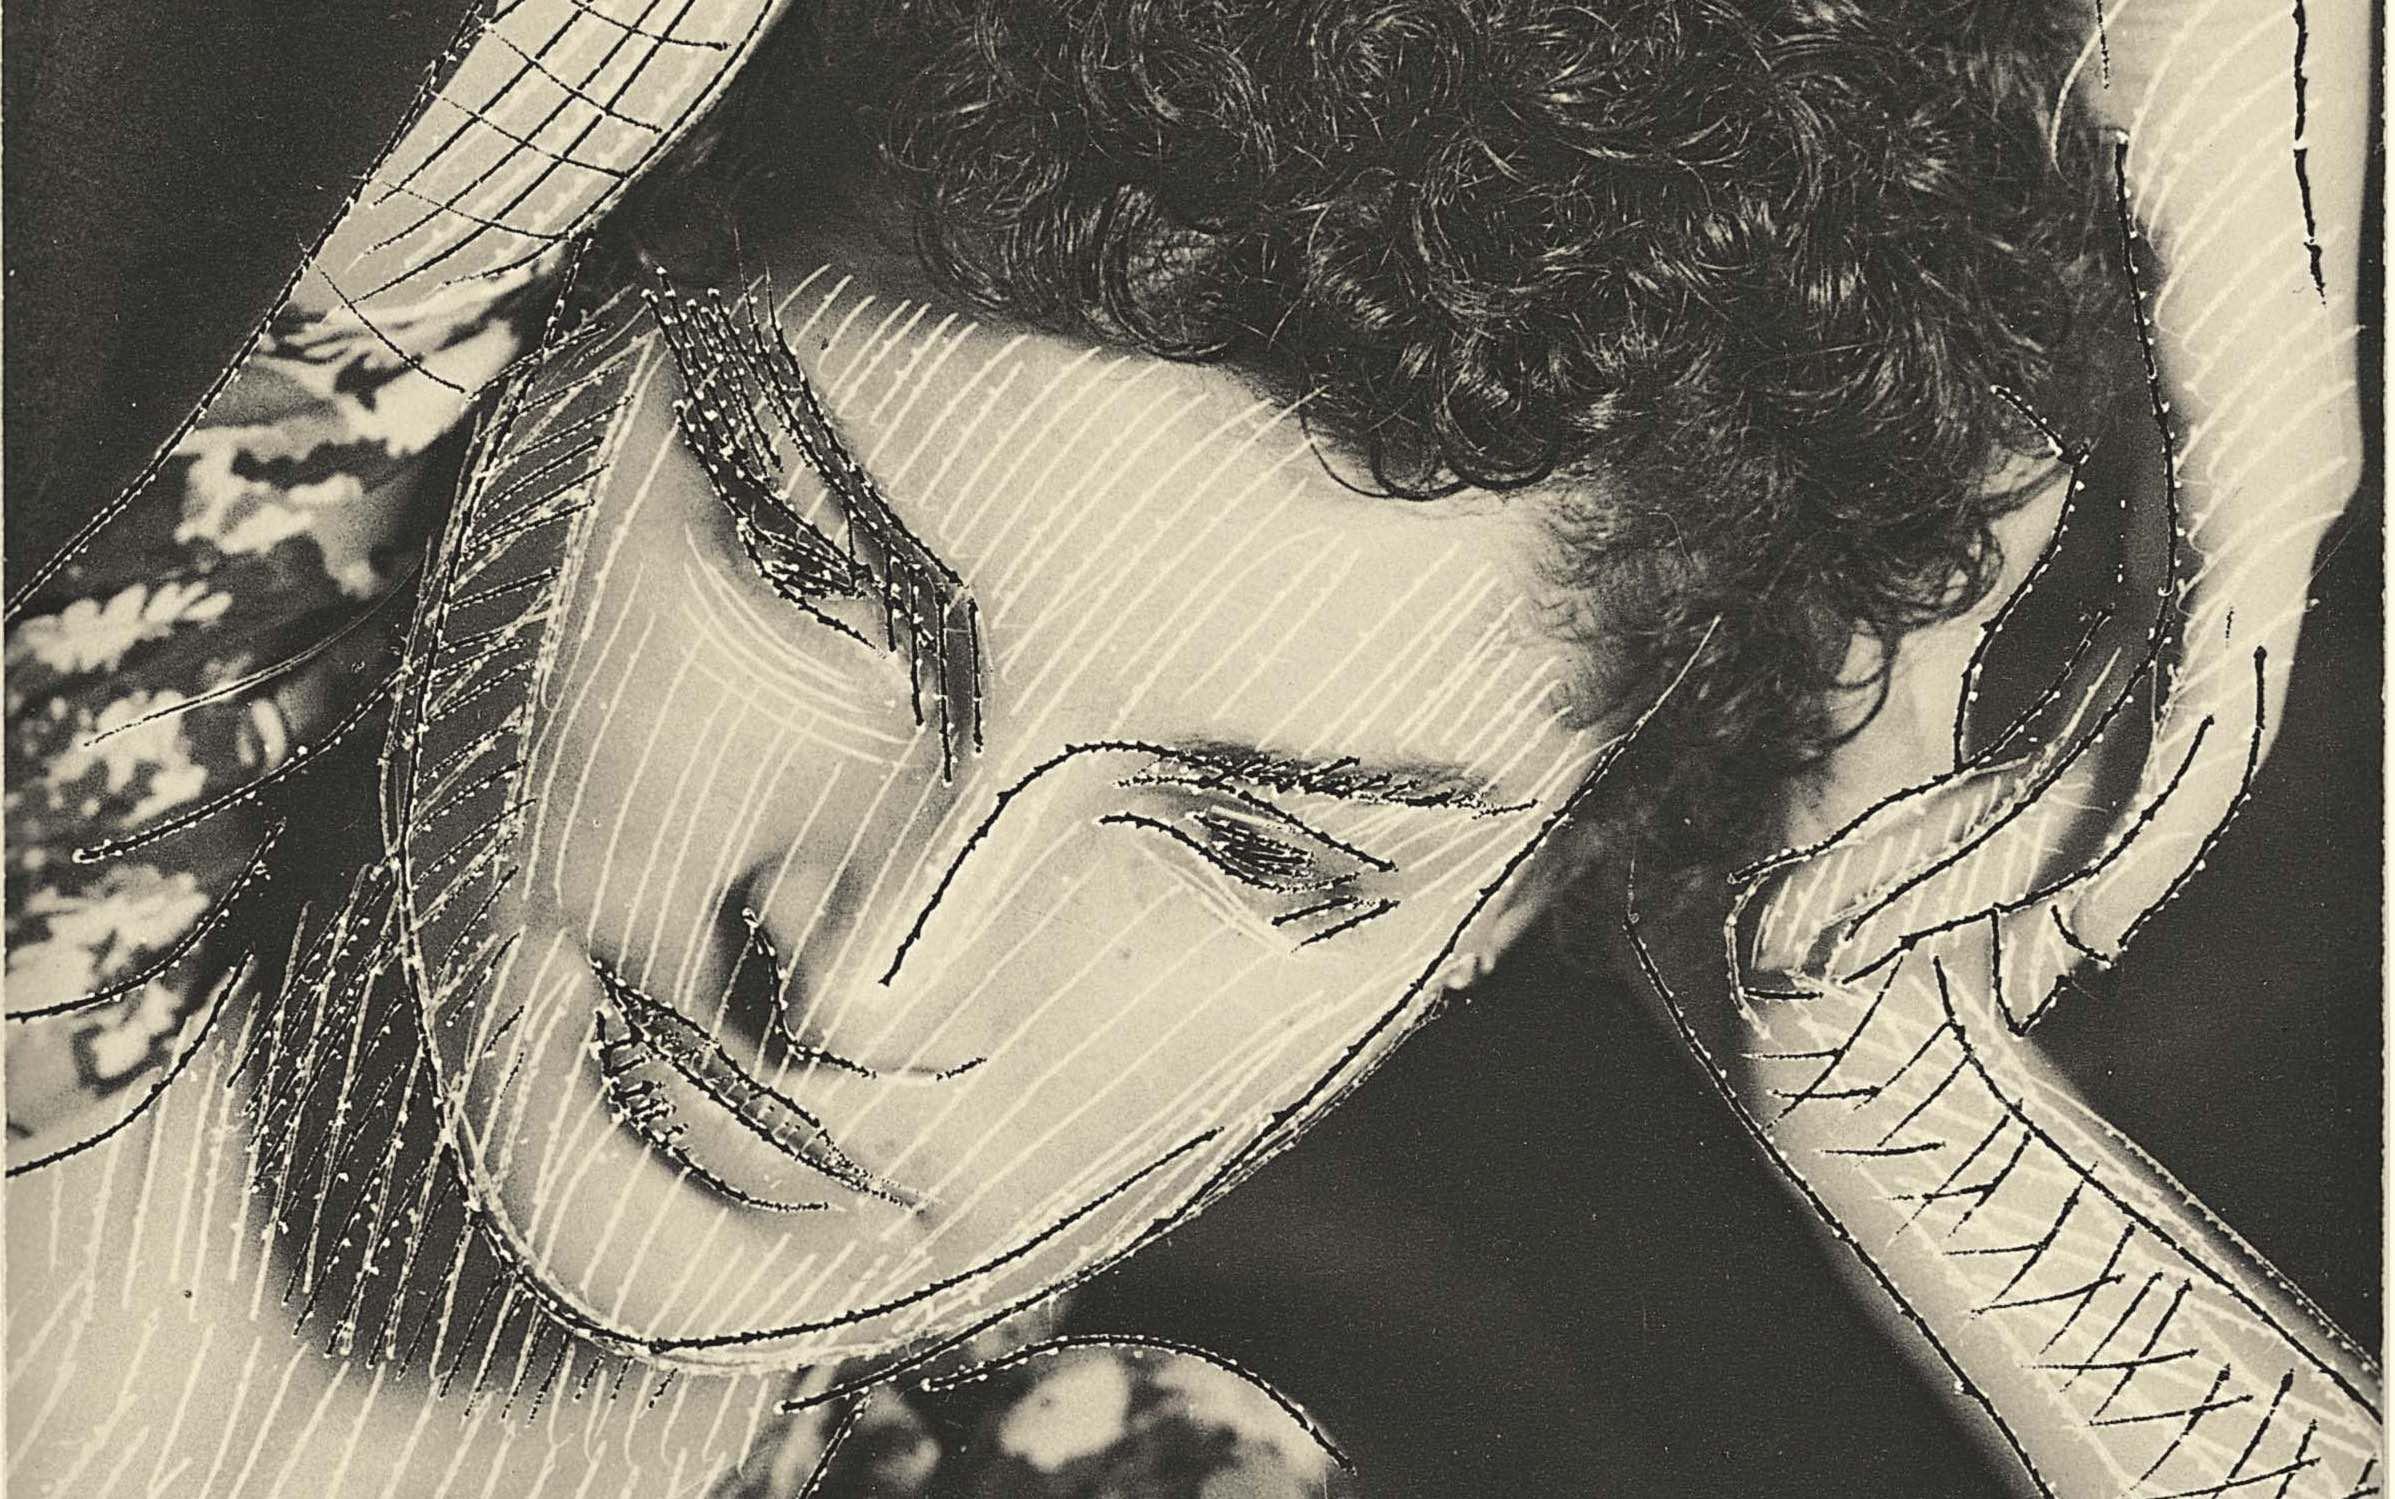 Le donne secondo Man Ray. A Camera Torino, 200 scatti seducenti del maestro sperimentatore